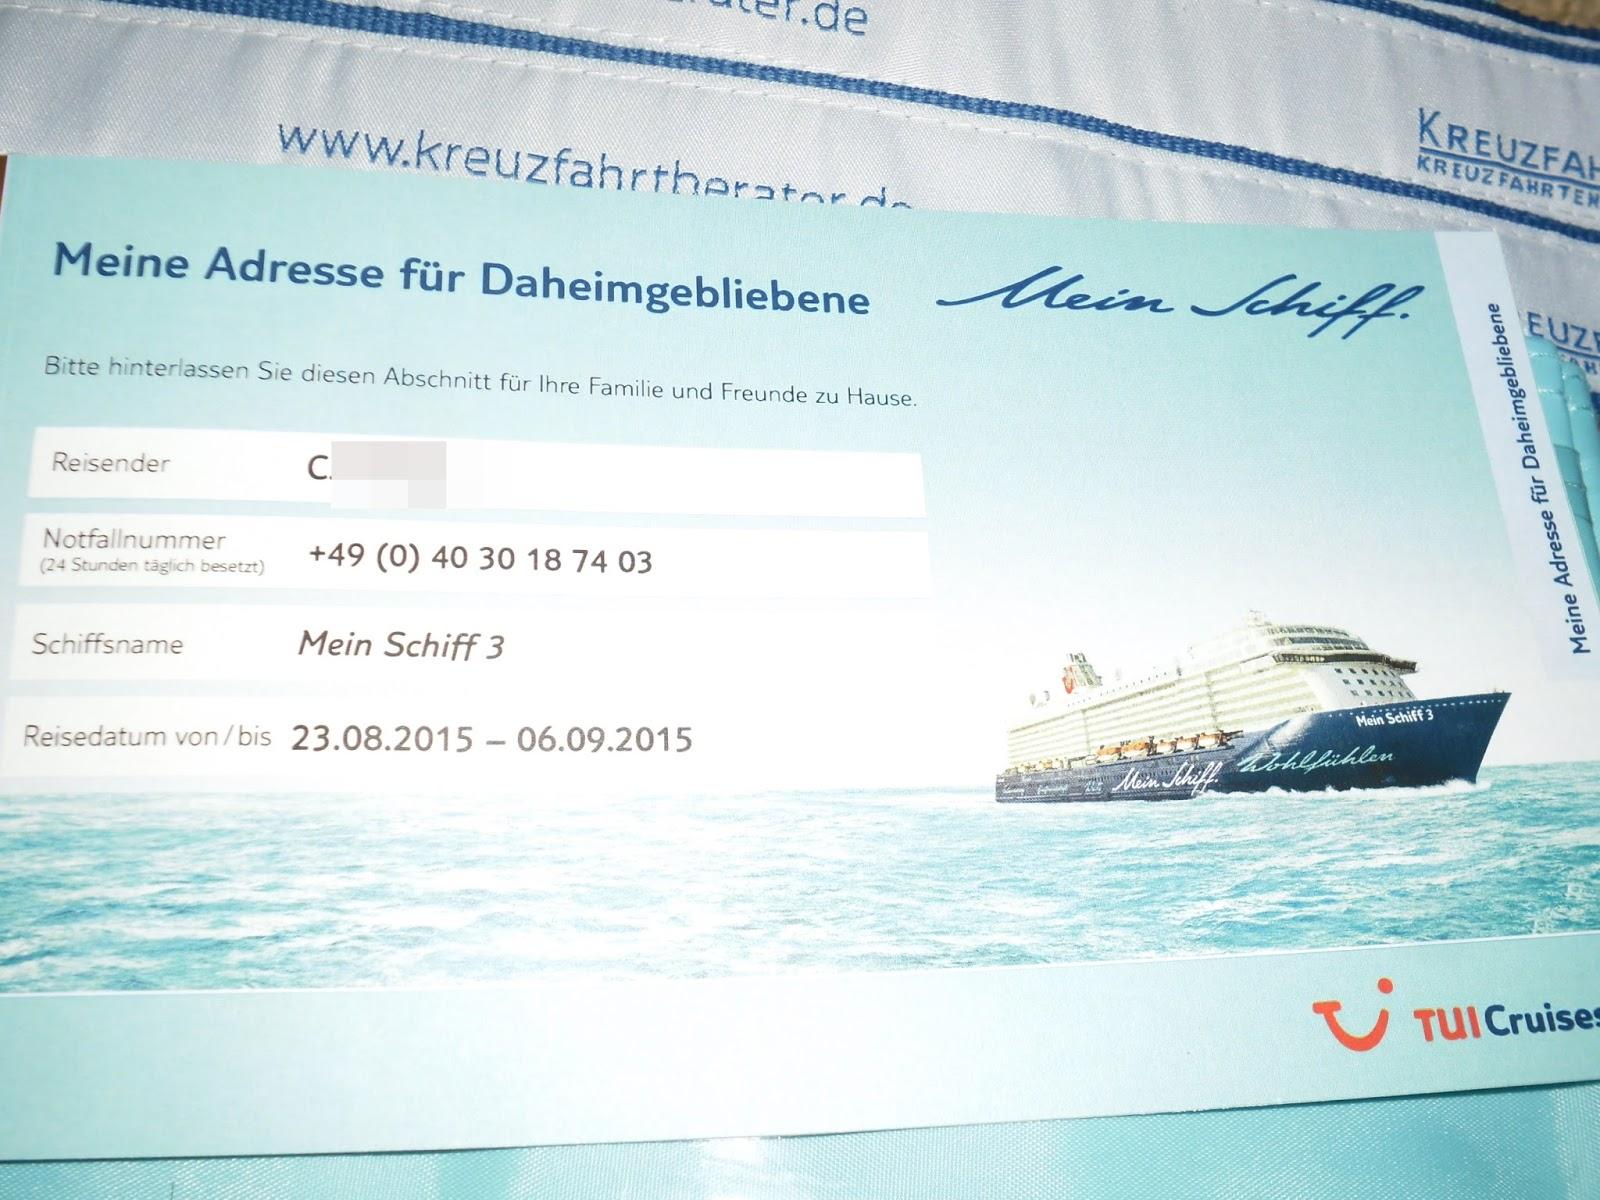 Kreuzfahrt-Tagebücher: 15.08.2015